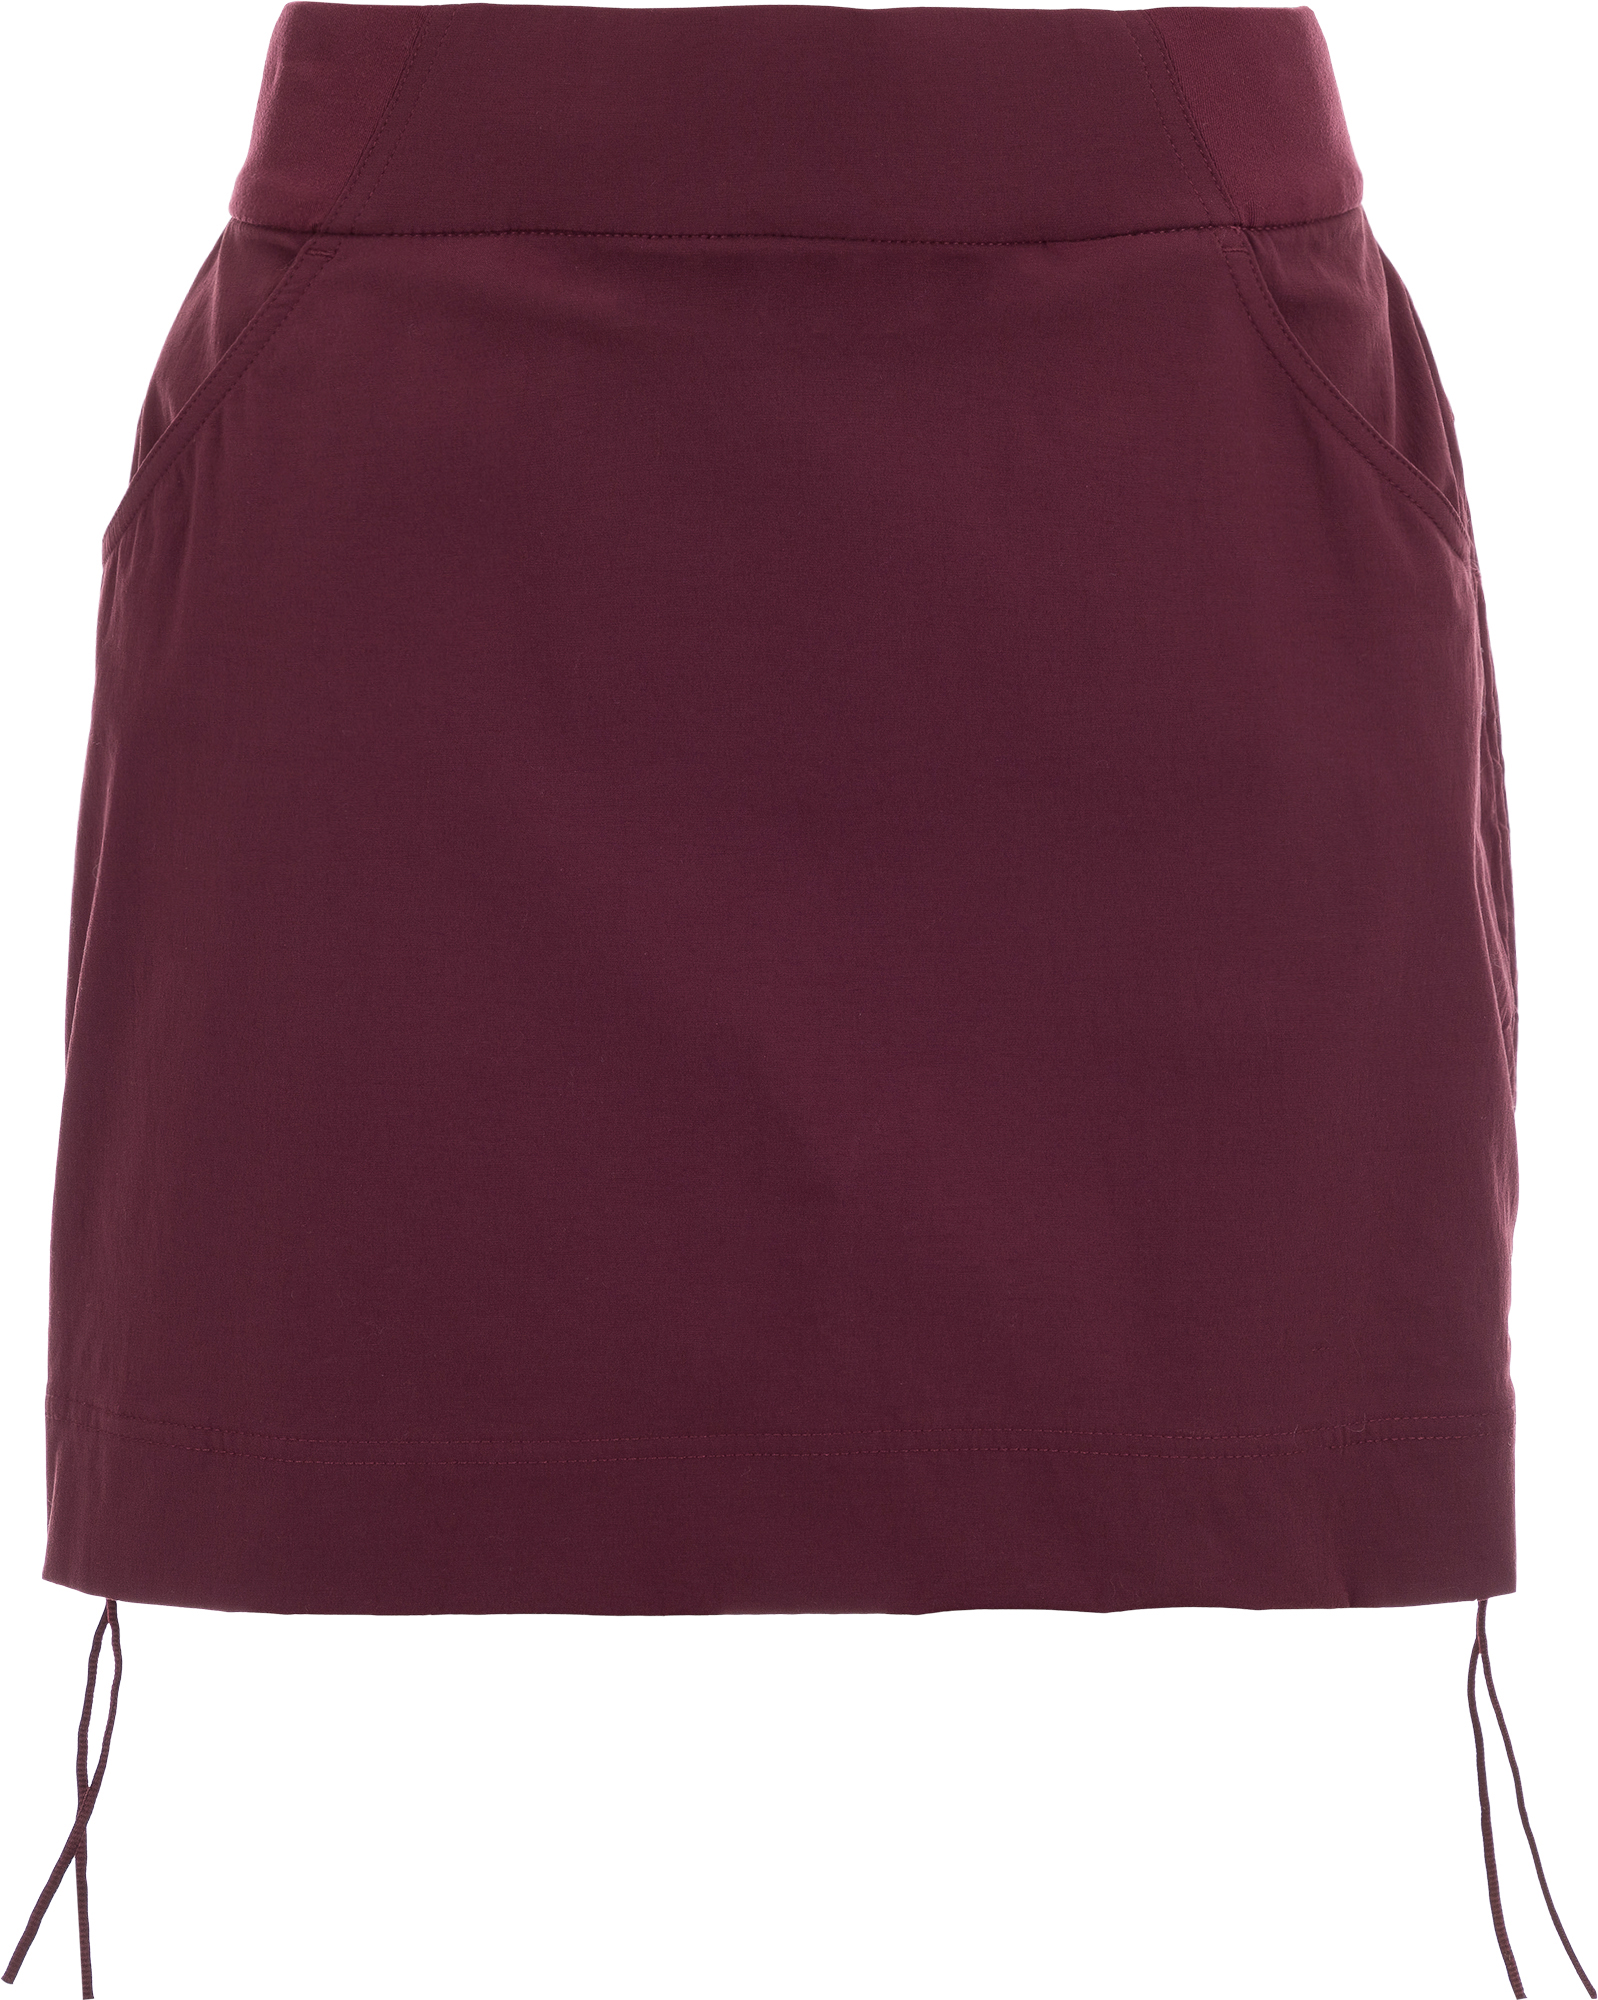 Columbia Юбка-шорты женская Columbia Anytime Casual, размер 48 недорго, оригинальная цена